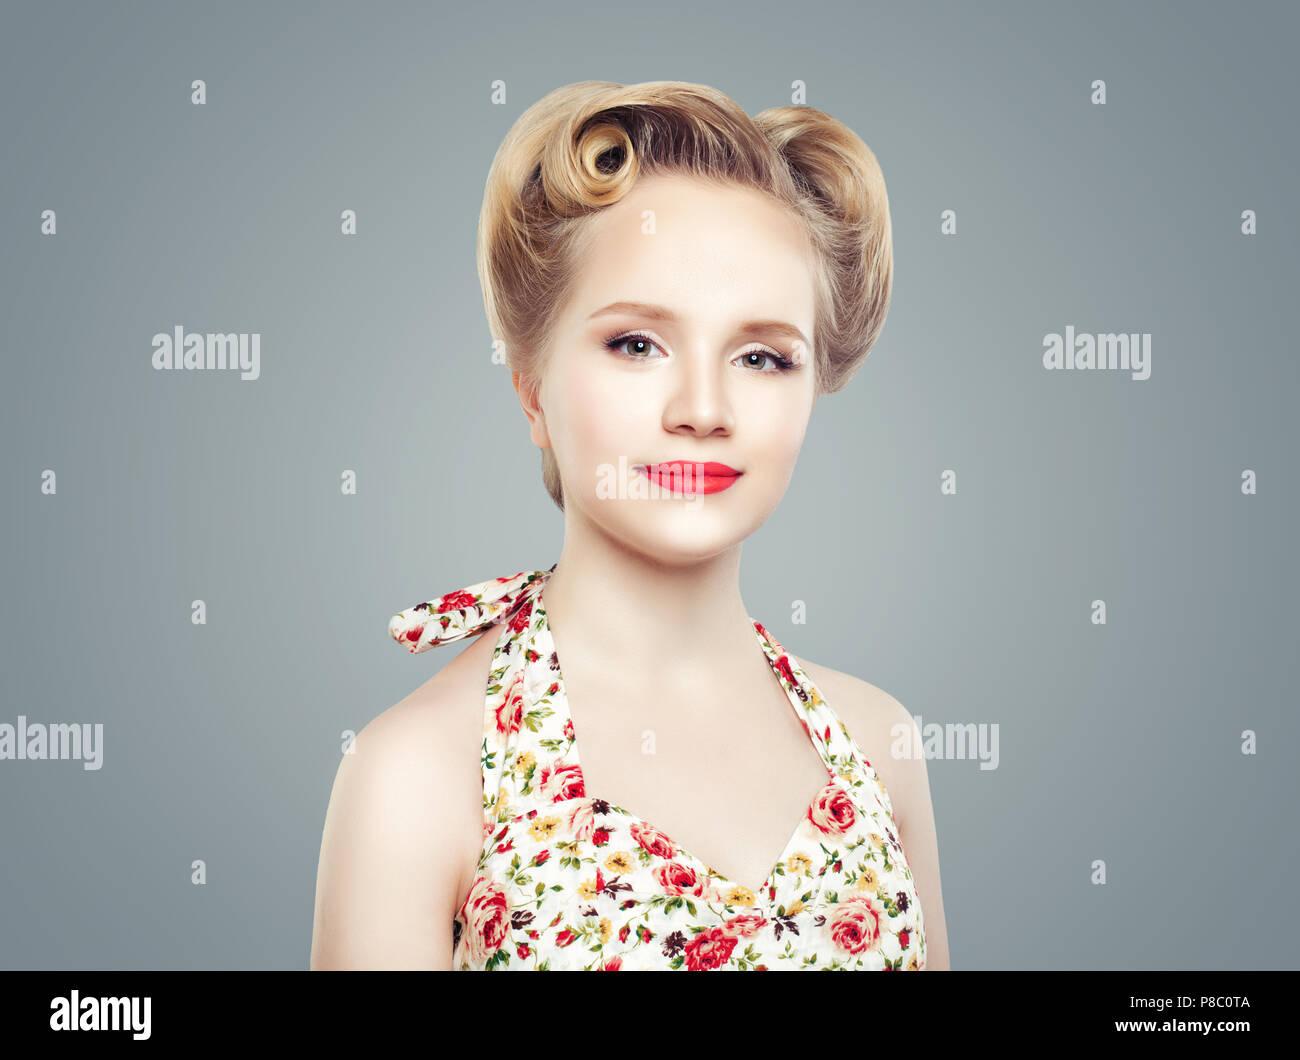 cute retro vintage pin-up. maquillage, coiffure et cosmétiques